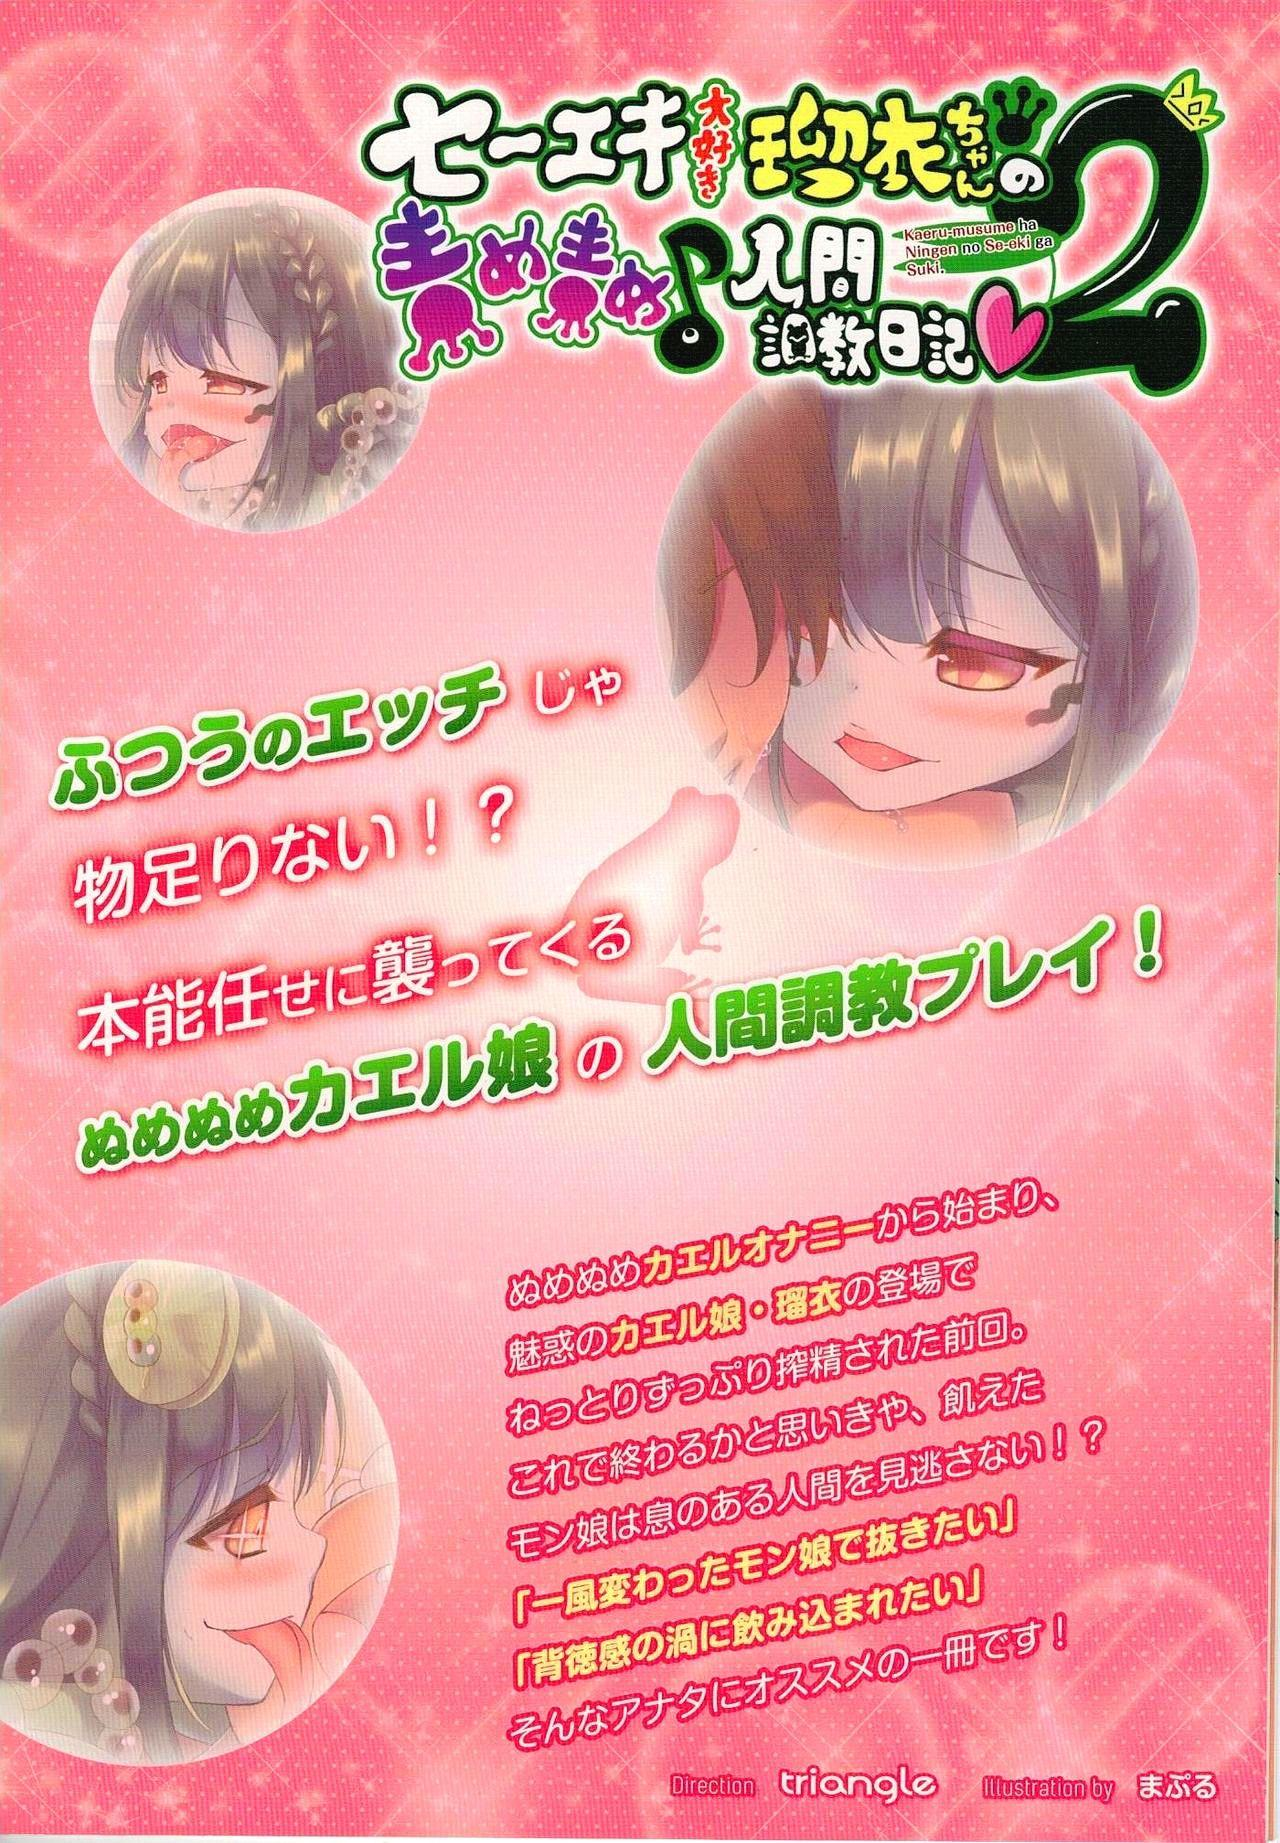 Seieki Daisuki Rui-chan no Semeseme Ningen Choukyou Nikki 2 16